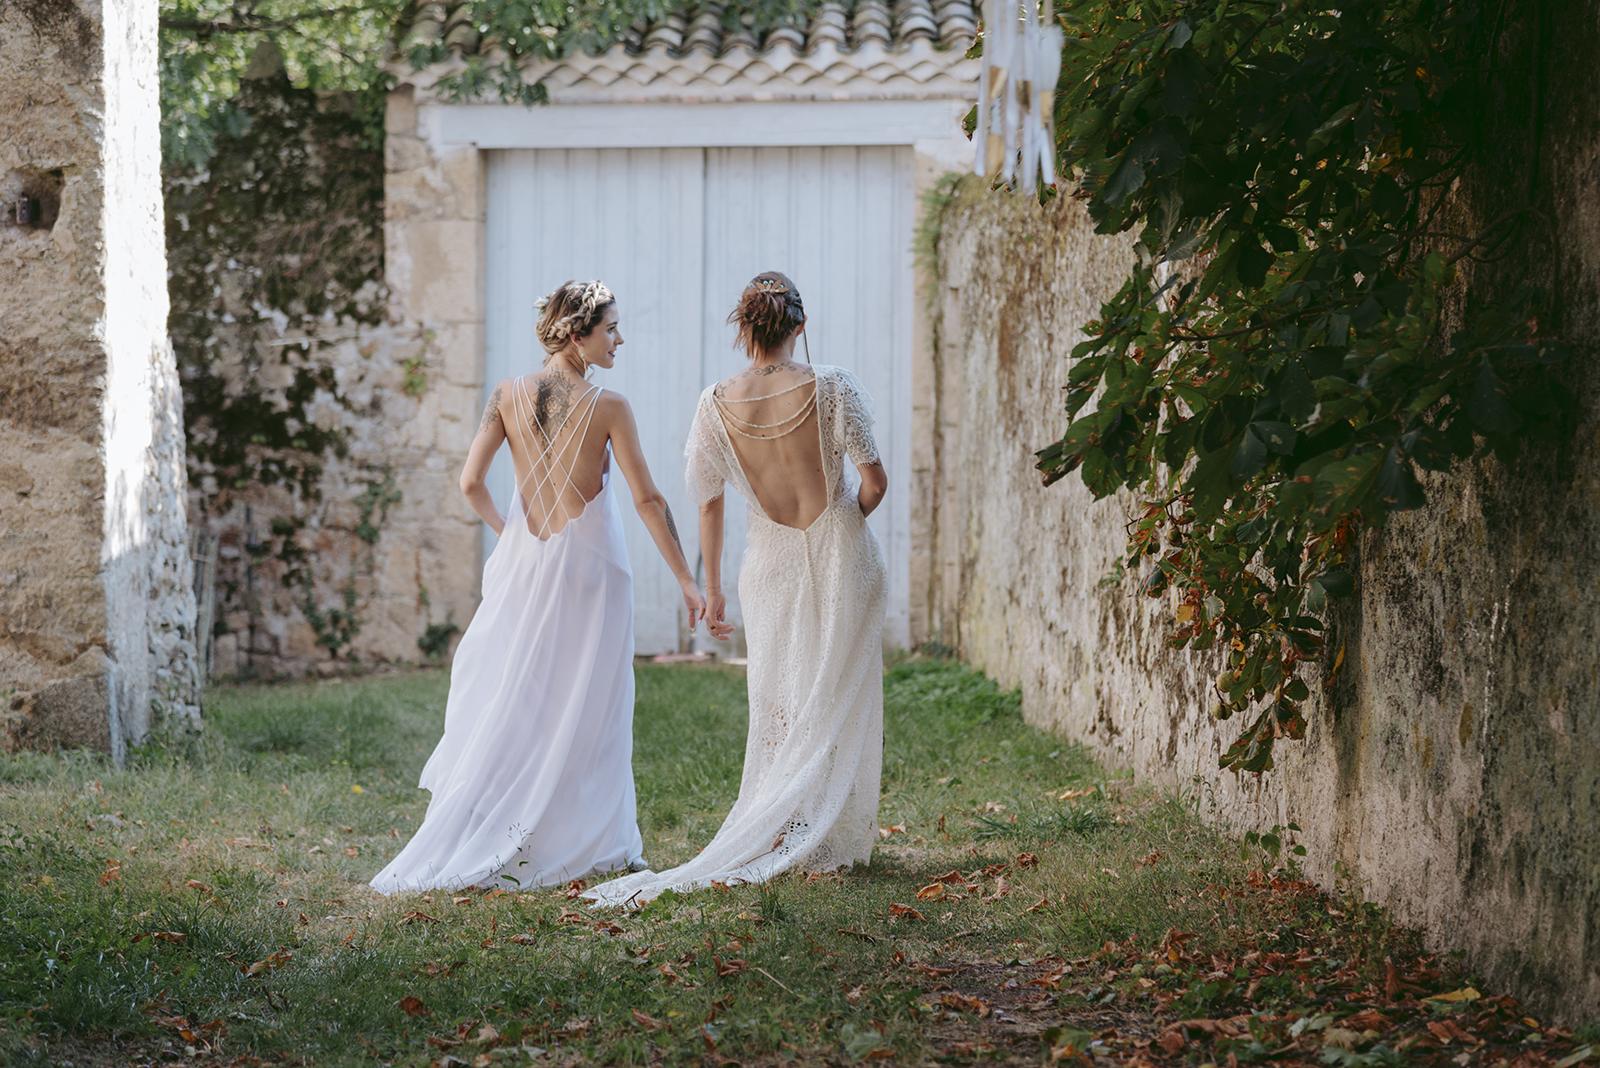 deus femmes en robe de mariée qui marchent de dos